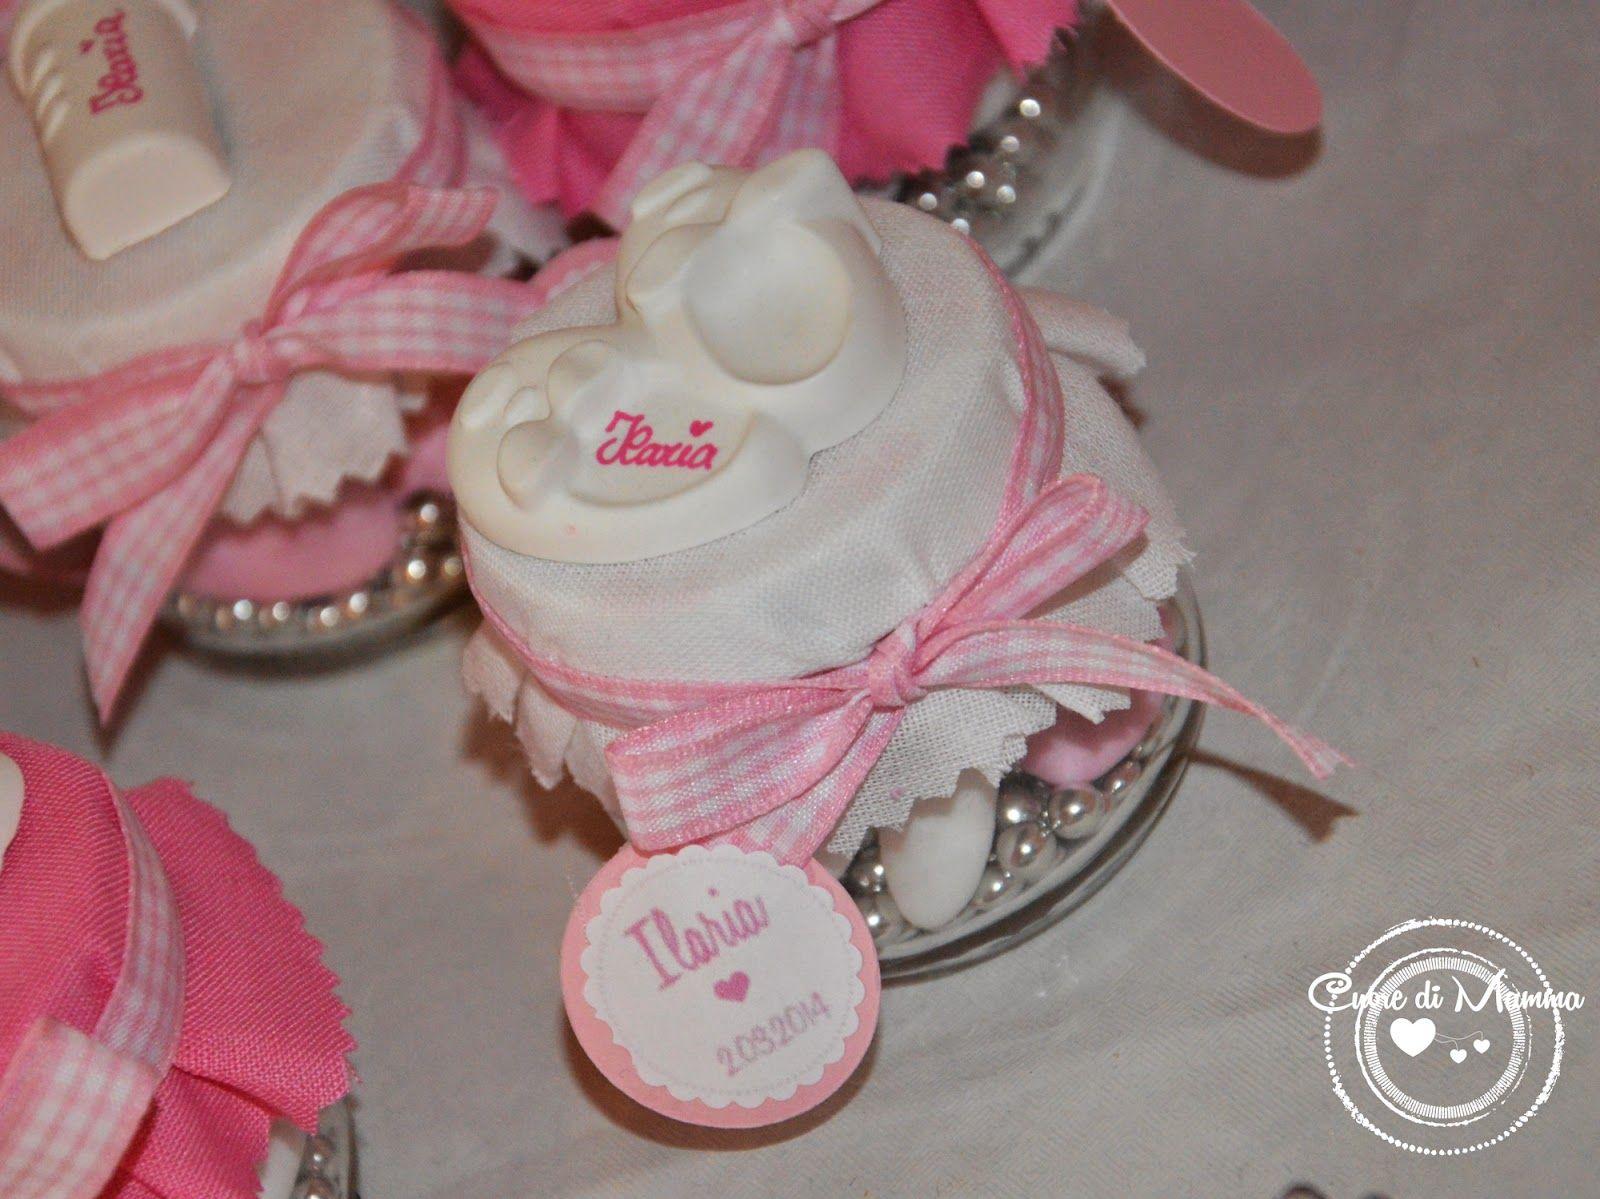 Bien-aimé bomboniere omogeneizzati | Gift Ideas | Pinterest | Bomboniere  RH76